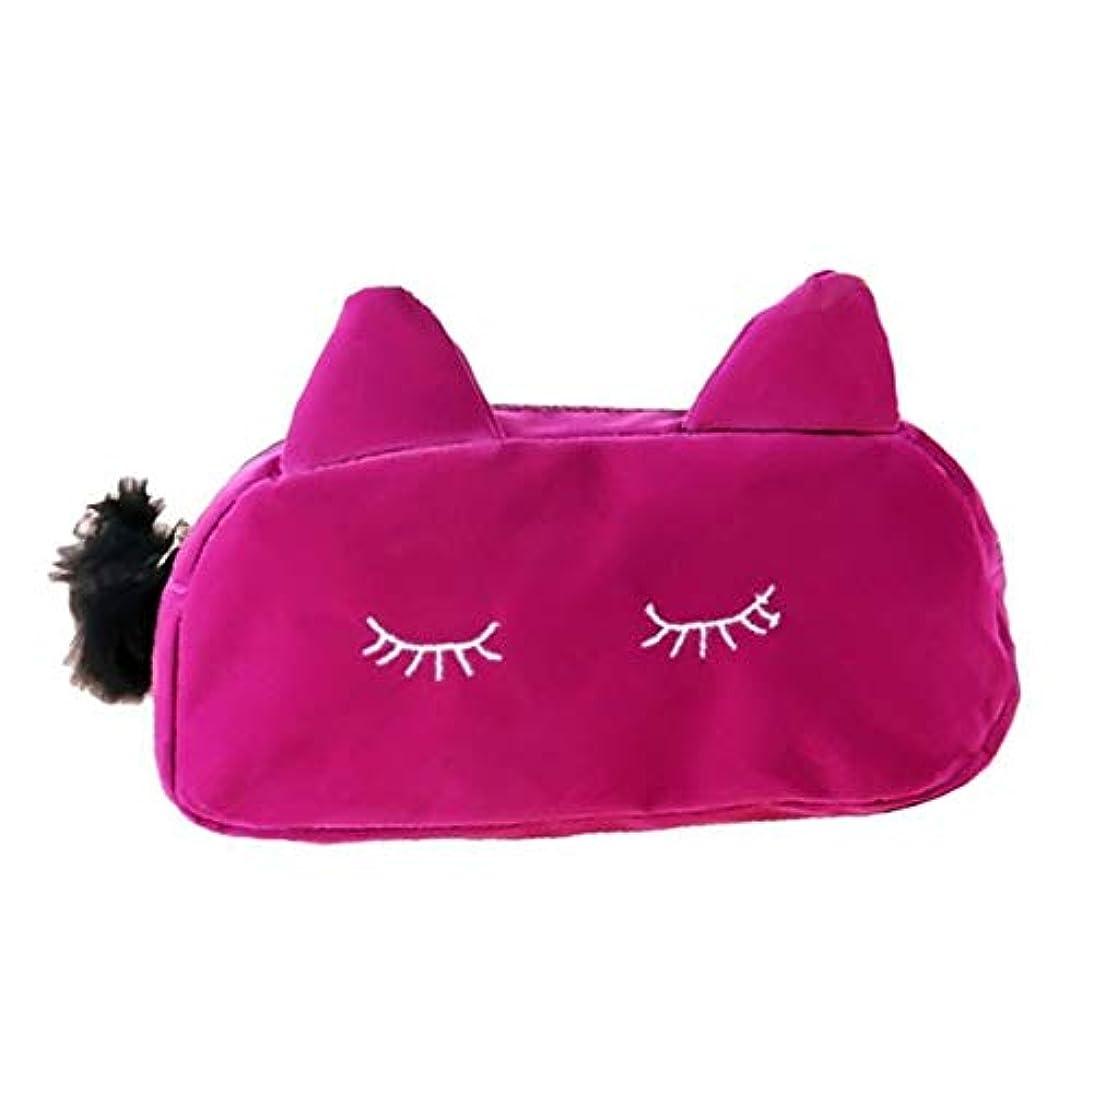 貞小人法王猫耳 化粧 コスメ ポーチ 小物入れ ペンケース かわいい 猫 ねこ にゃんこ メイクポーチ レディース